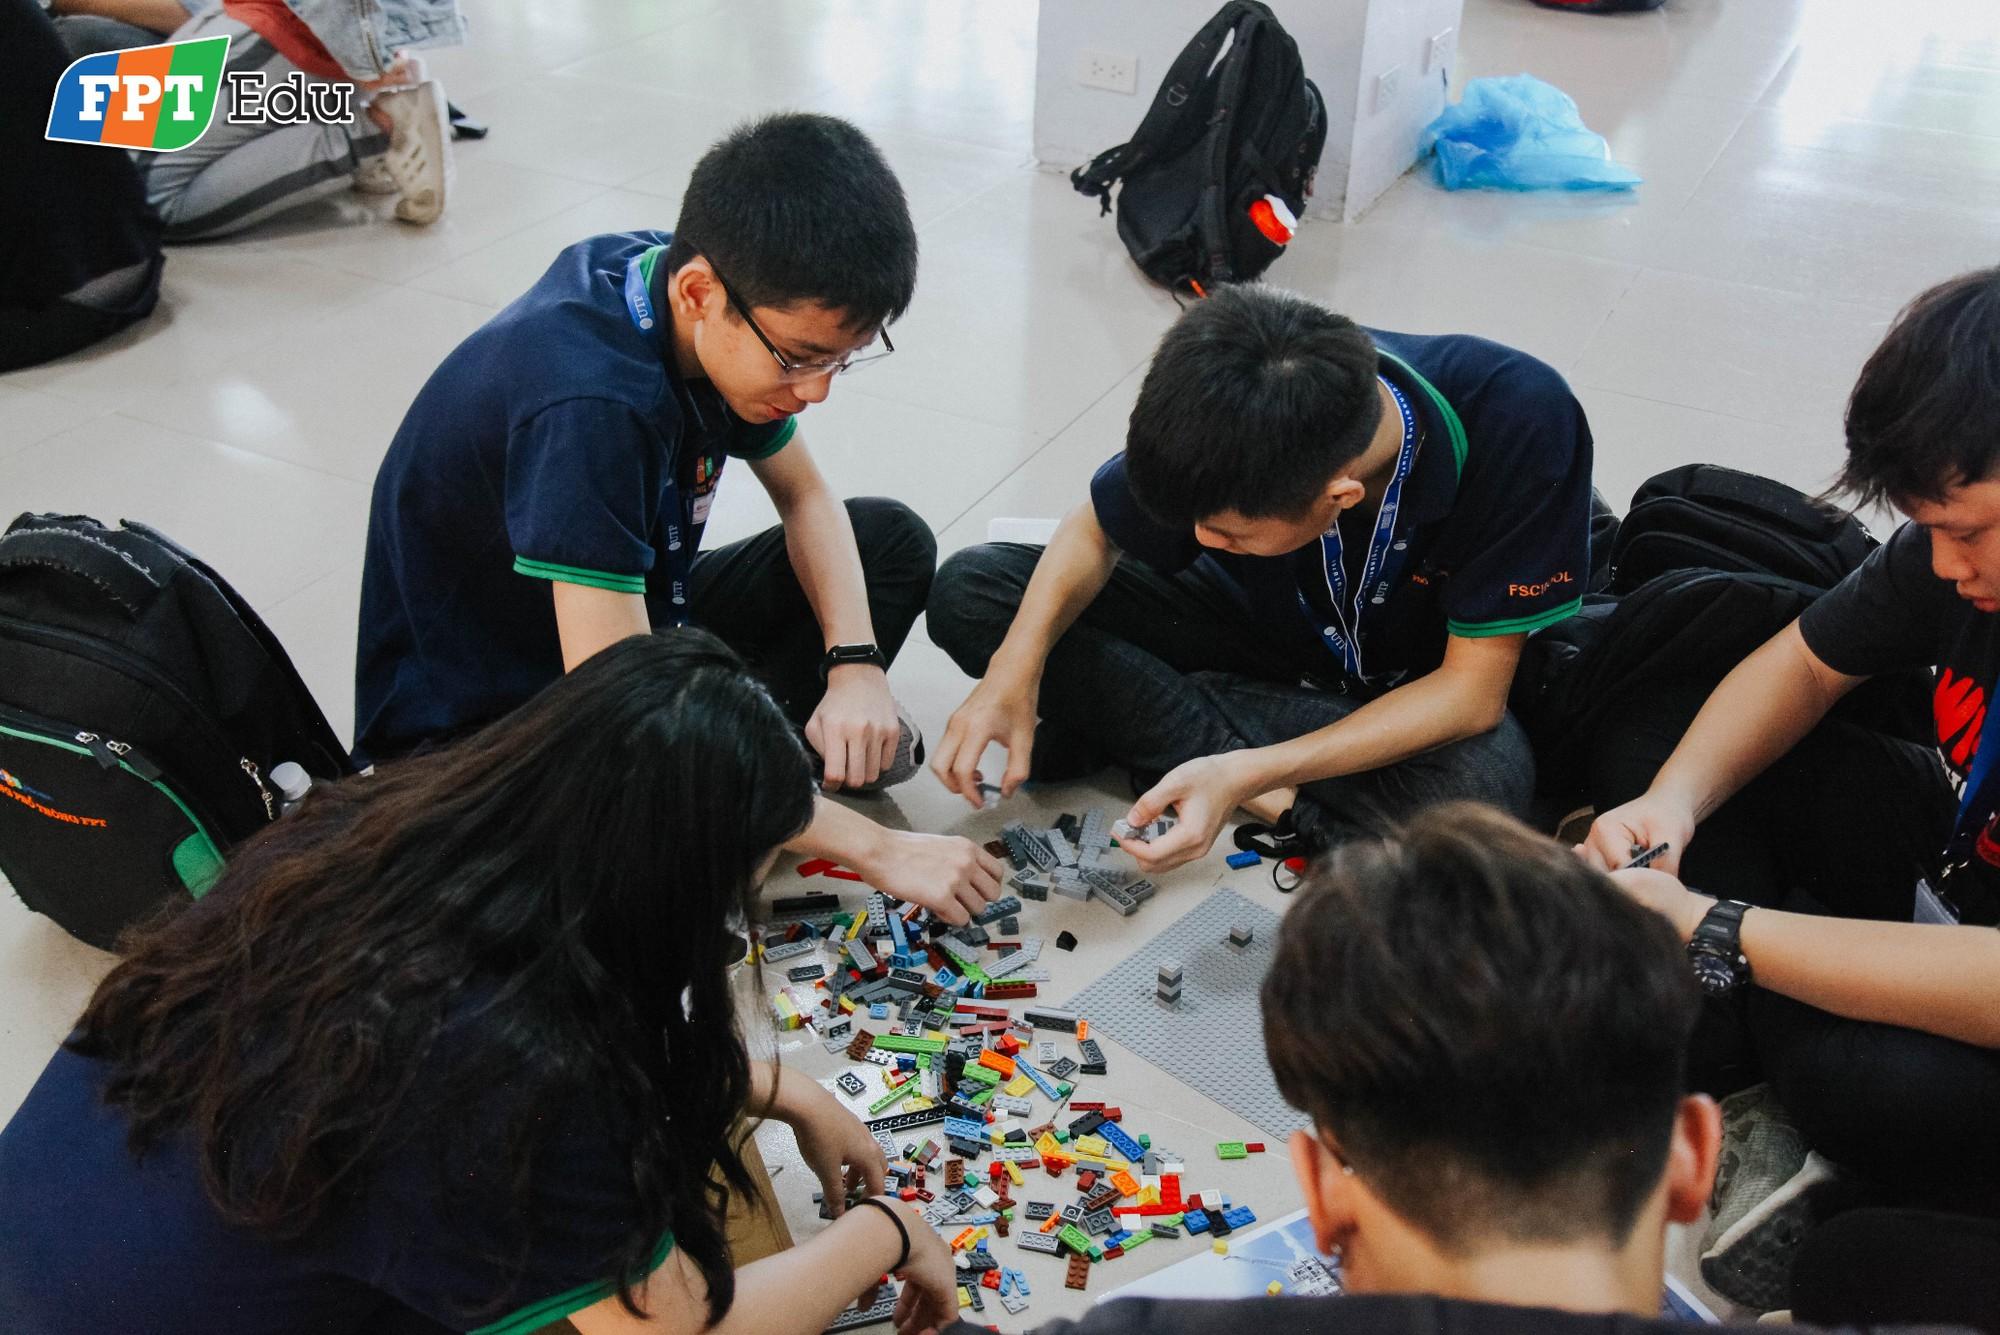 Học sinh FPT tự tay làm thí nghiệm khoa học với trường dạy dầu khí hàng đầu Malaysia - Ảnh 2.